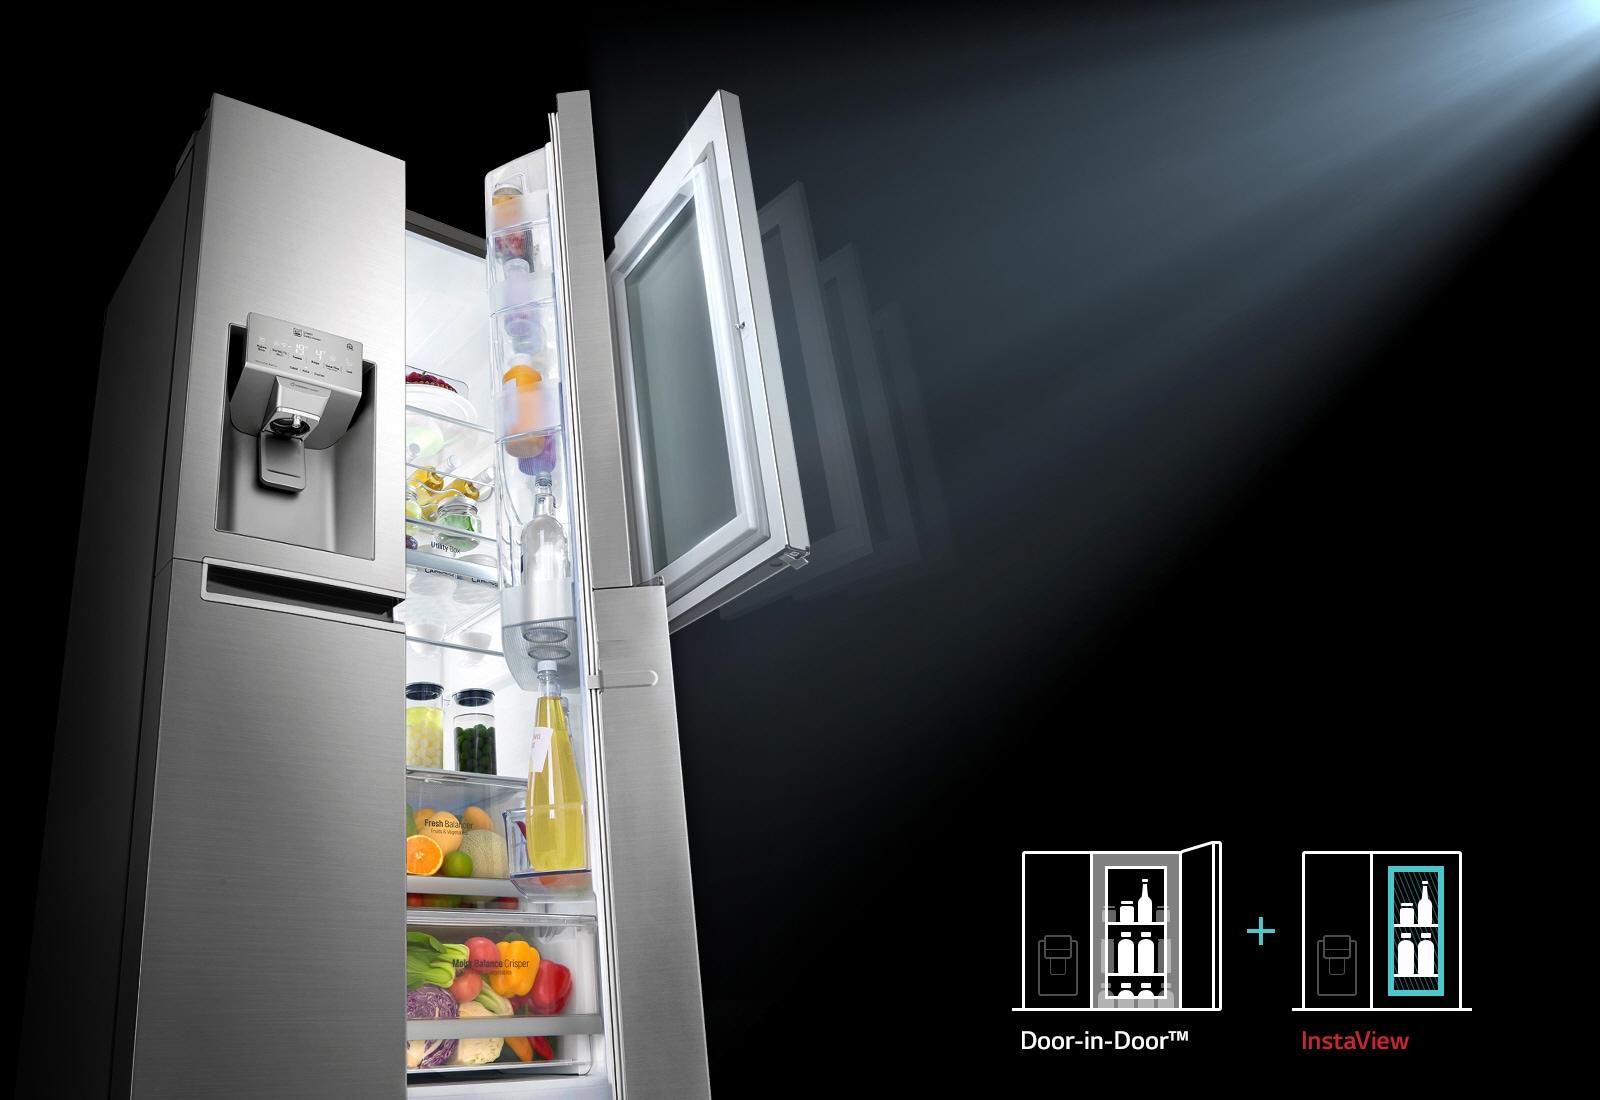 The Next Generation of Door-in-Door™